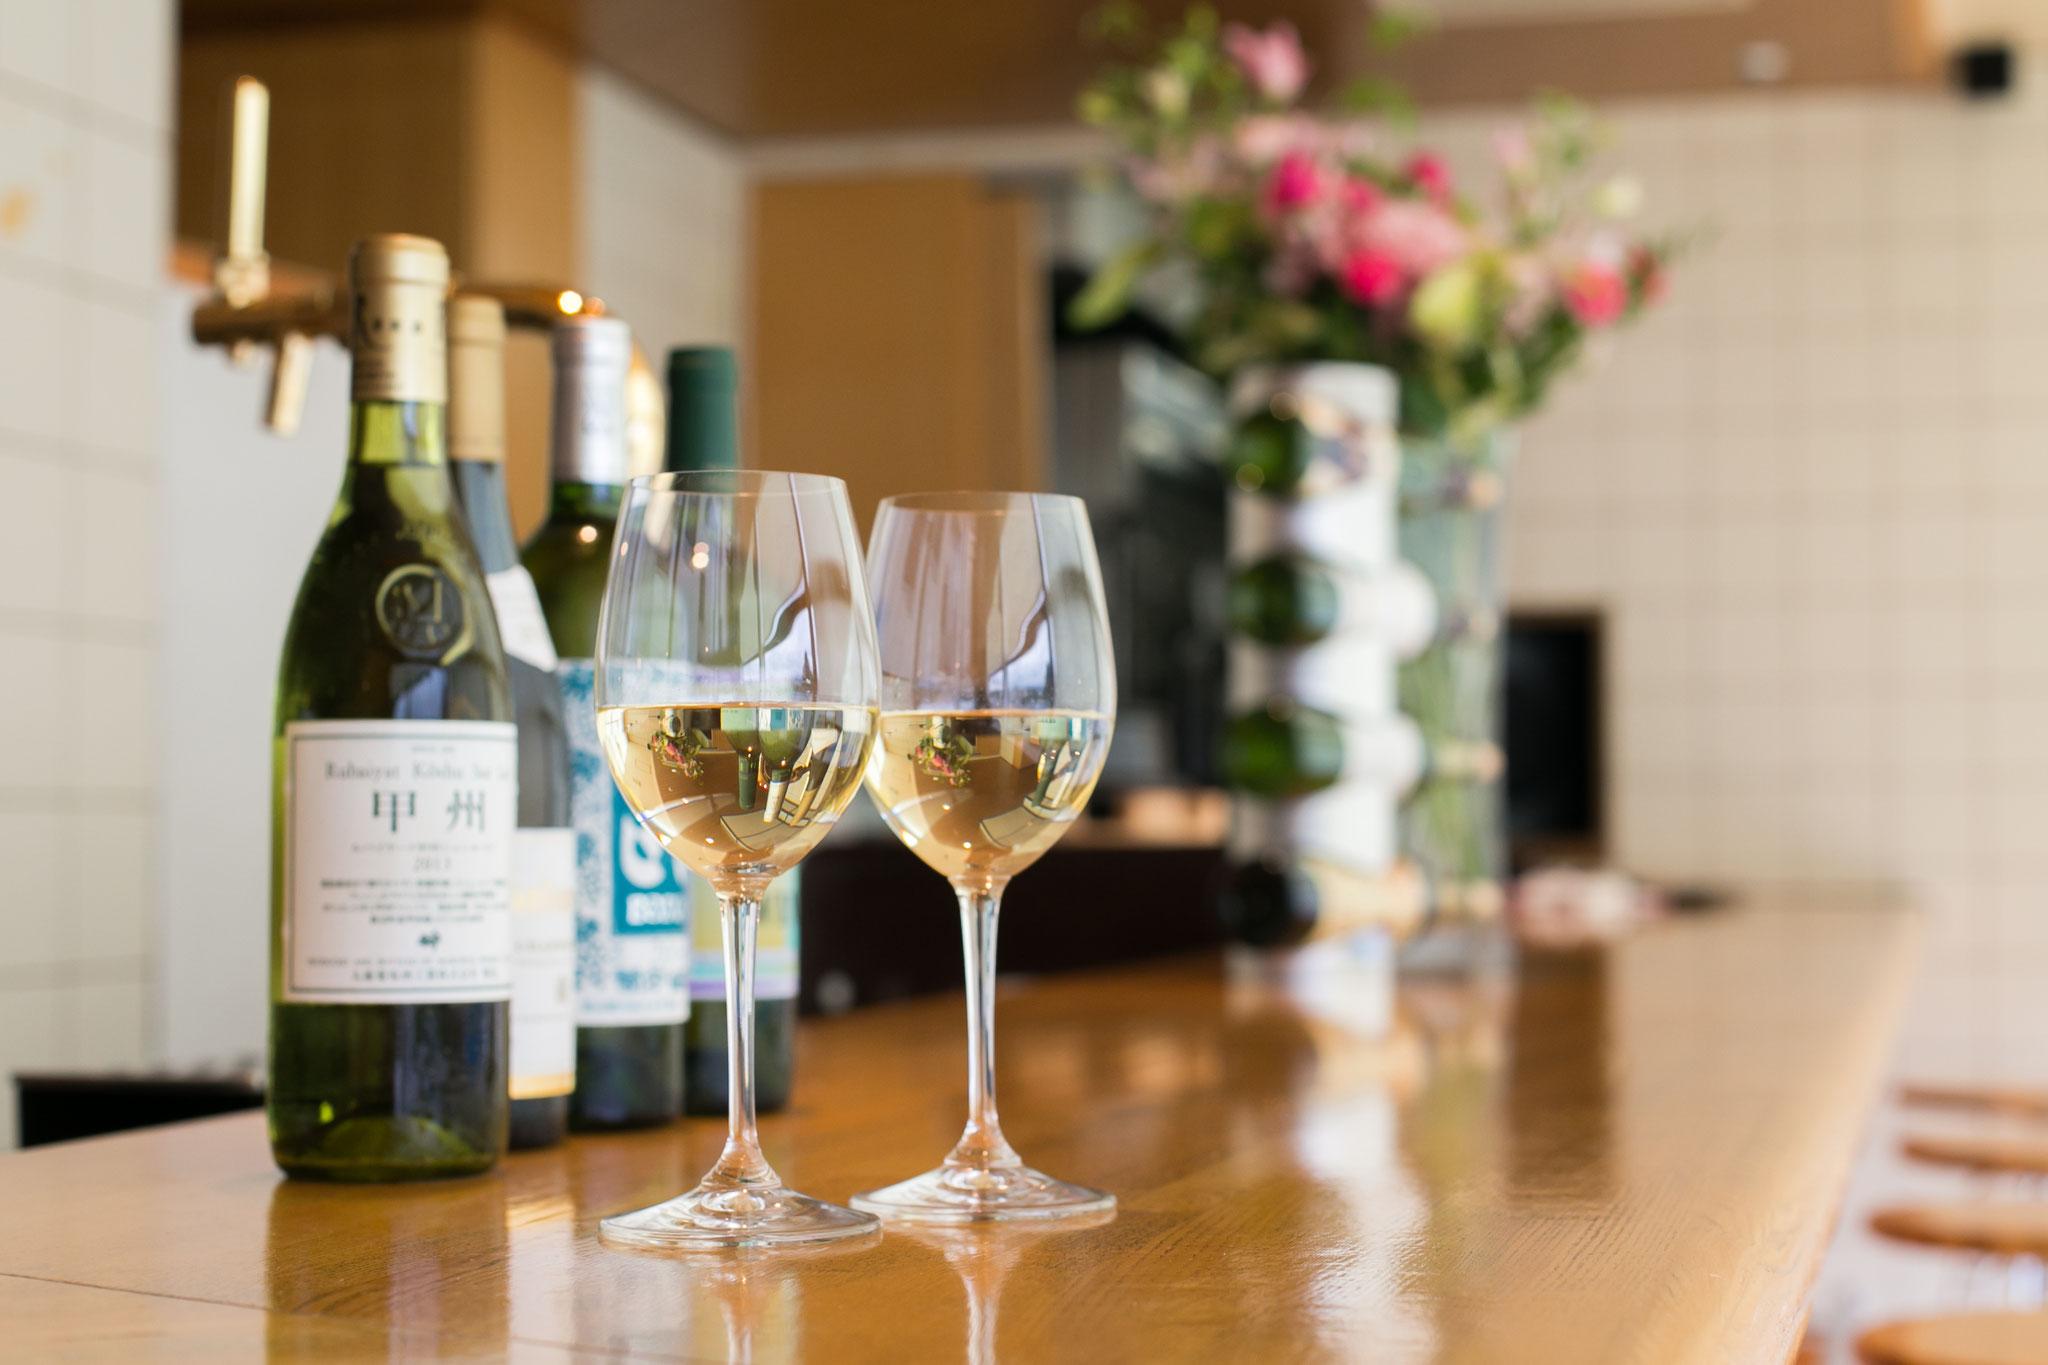 ソムリエがお勧めするワイン